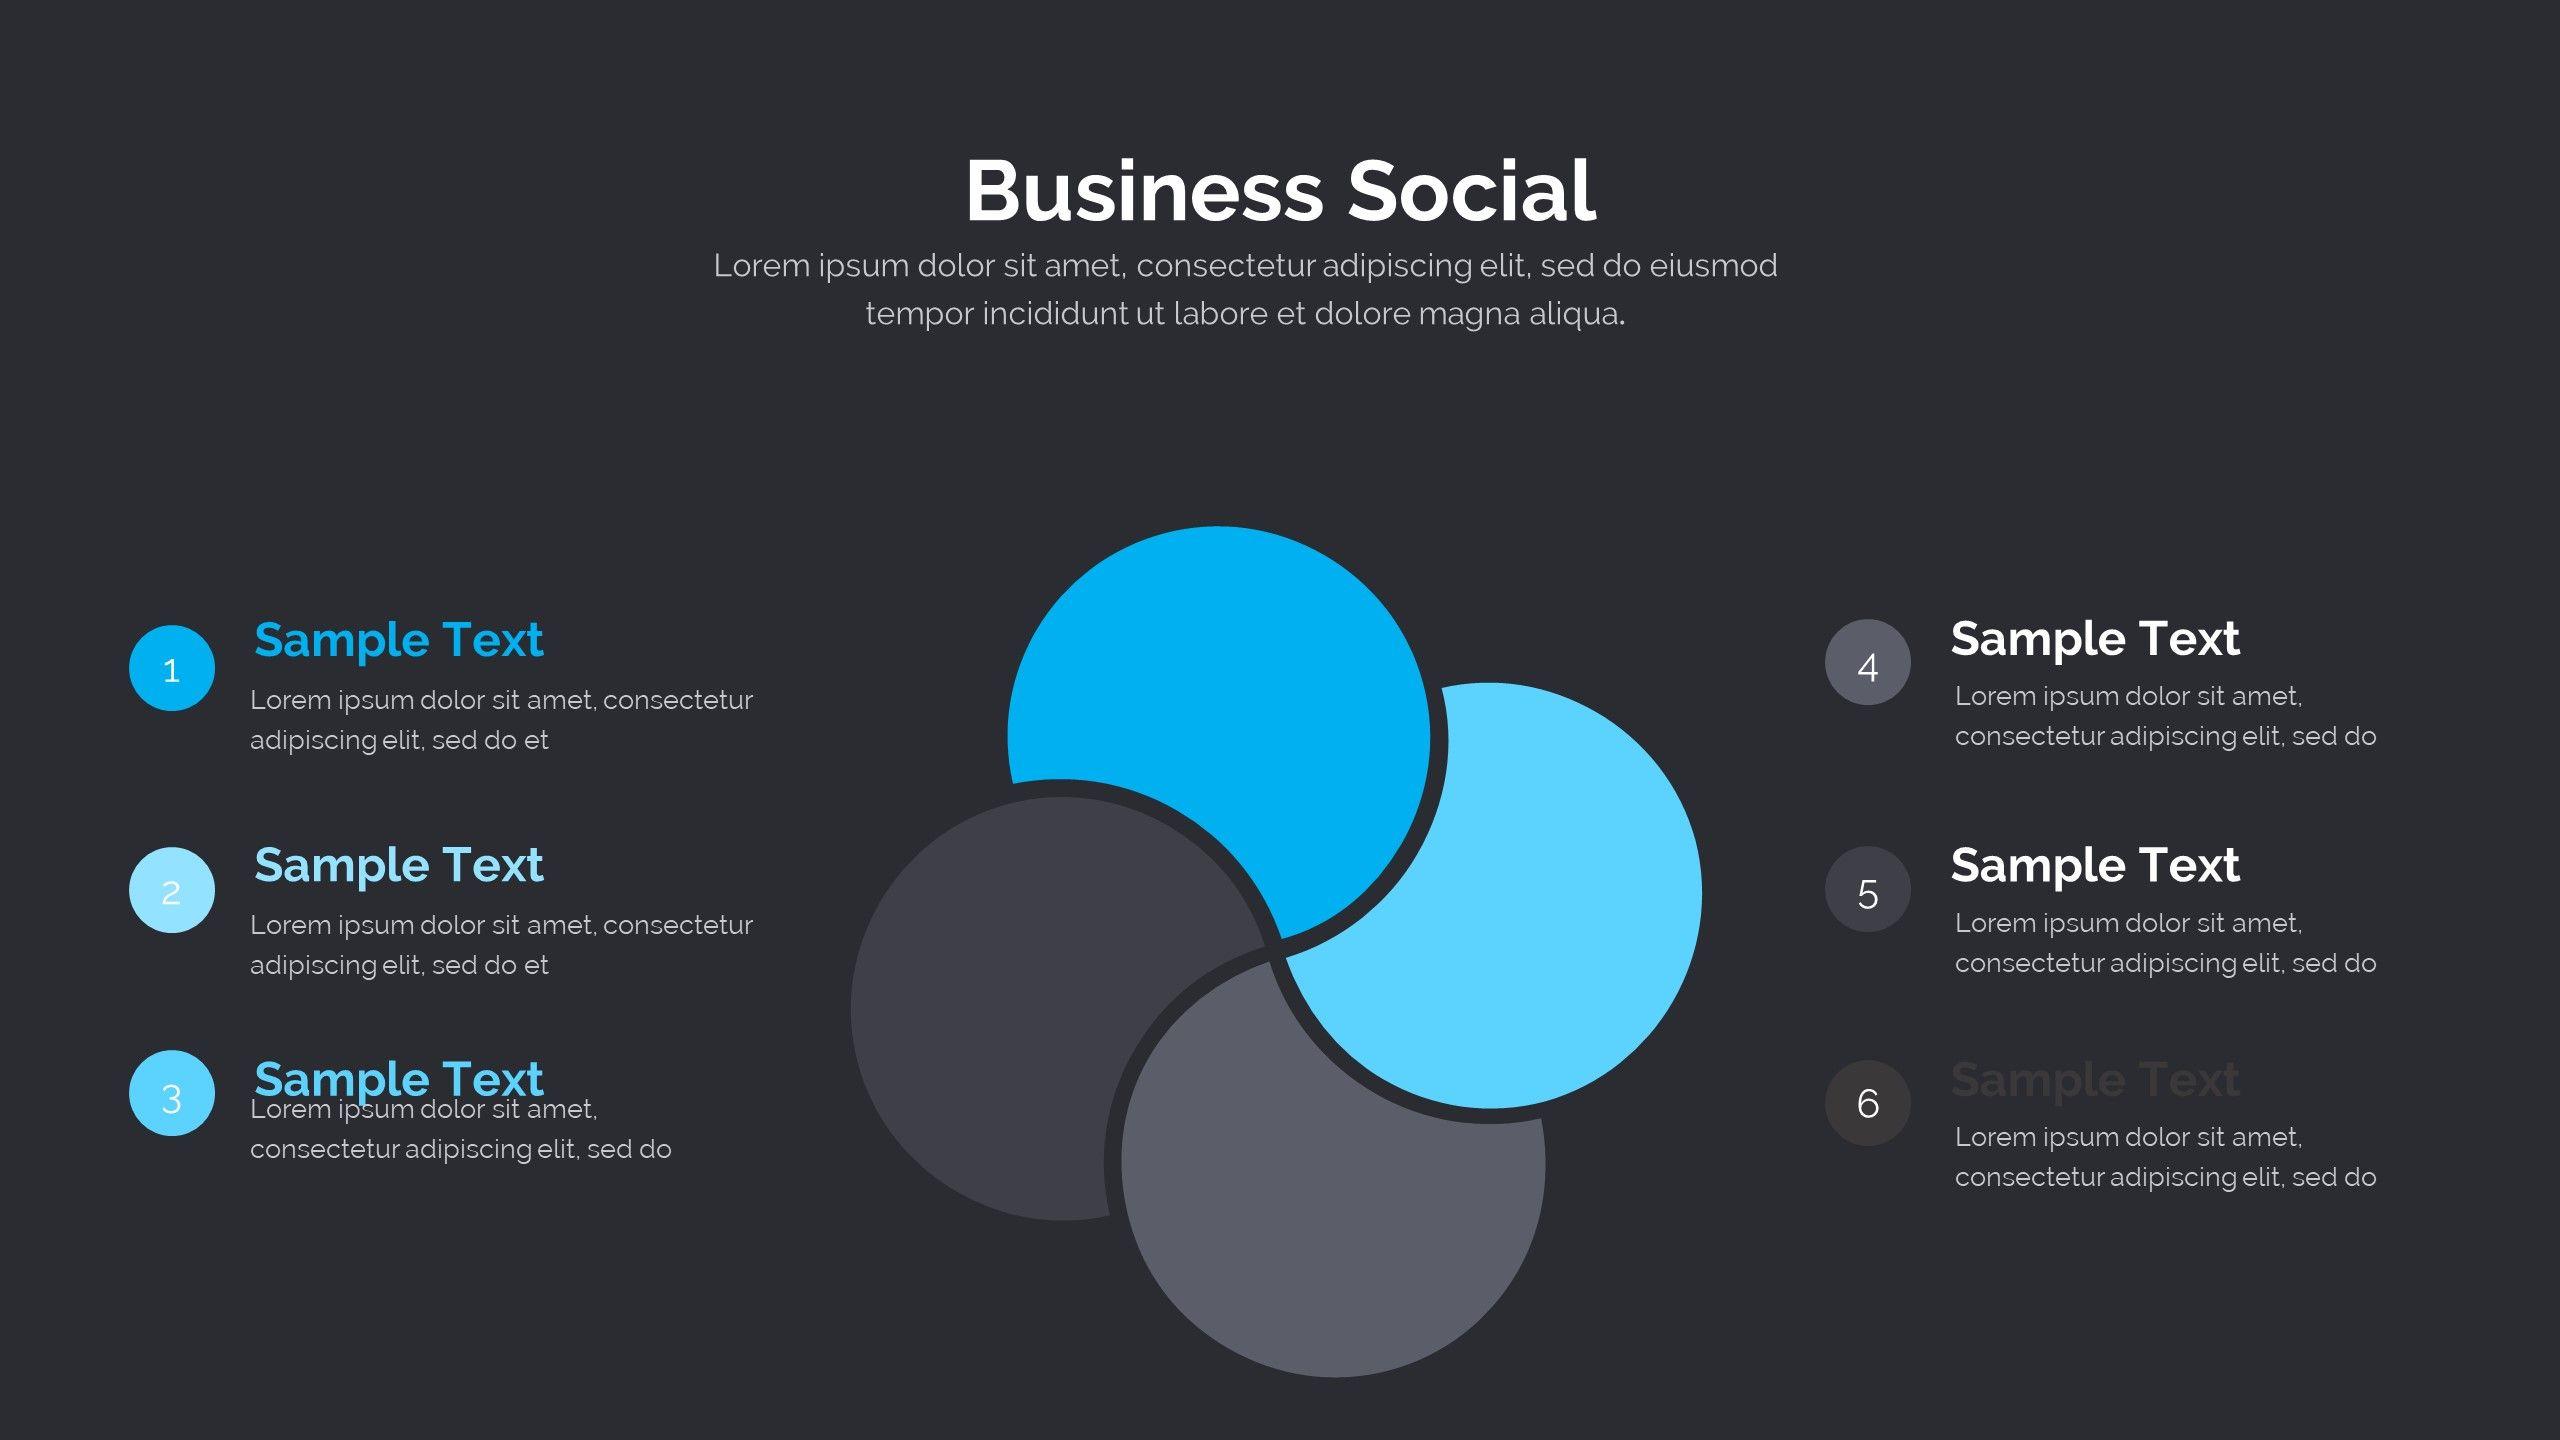 Toluca Premium Design Google Slide Template Design Premium